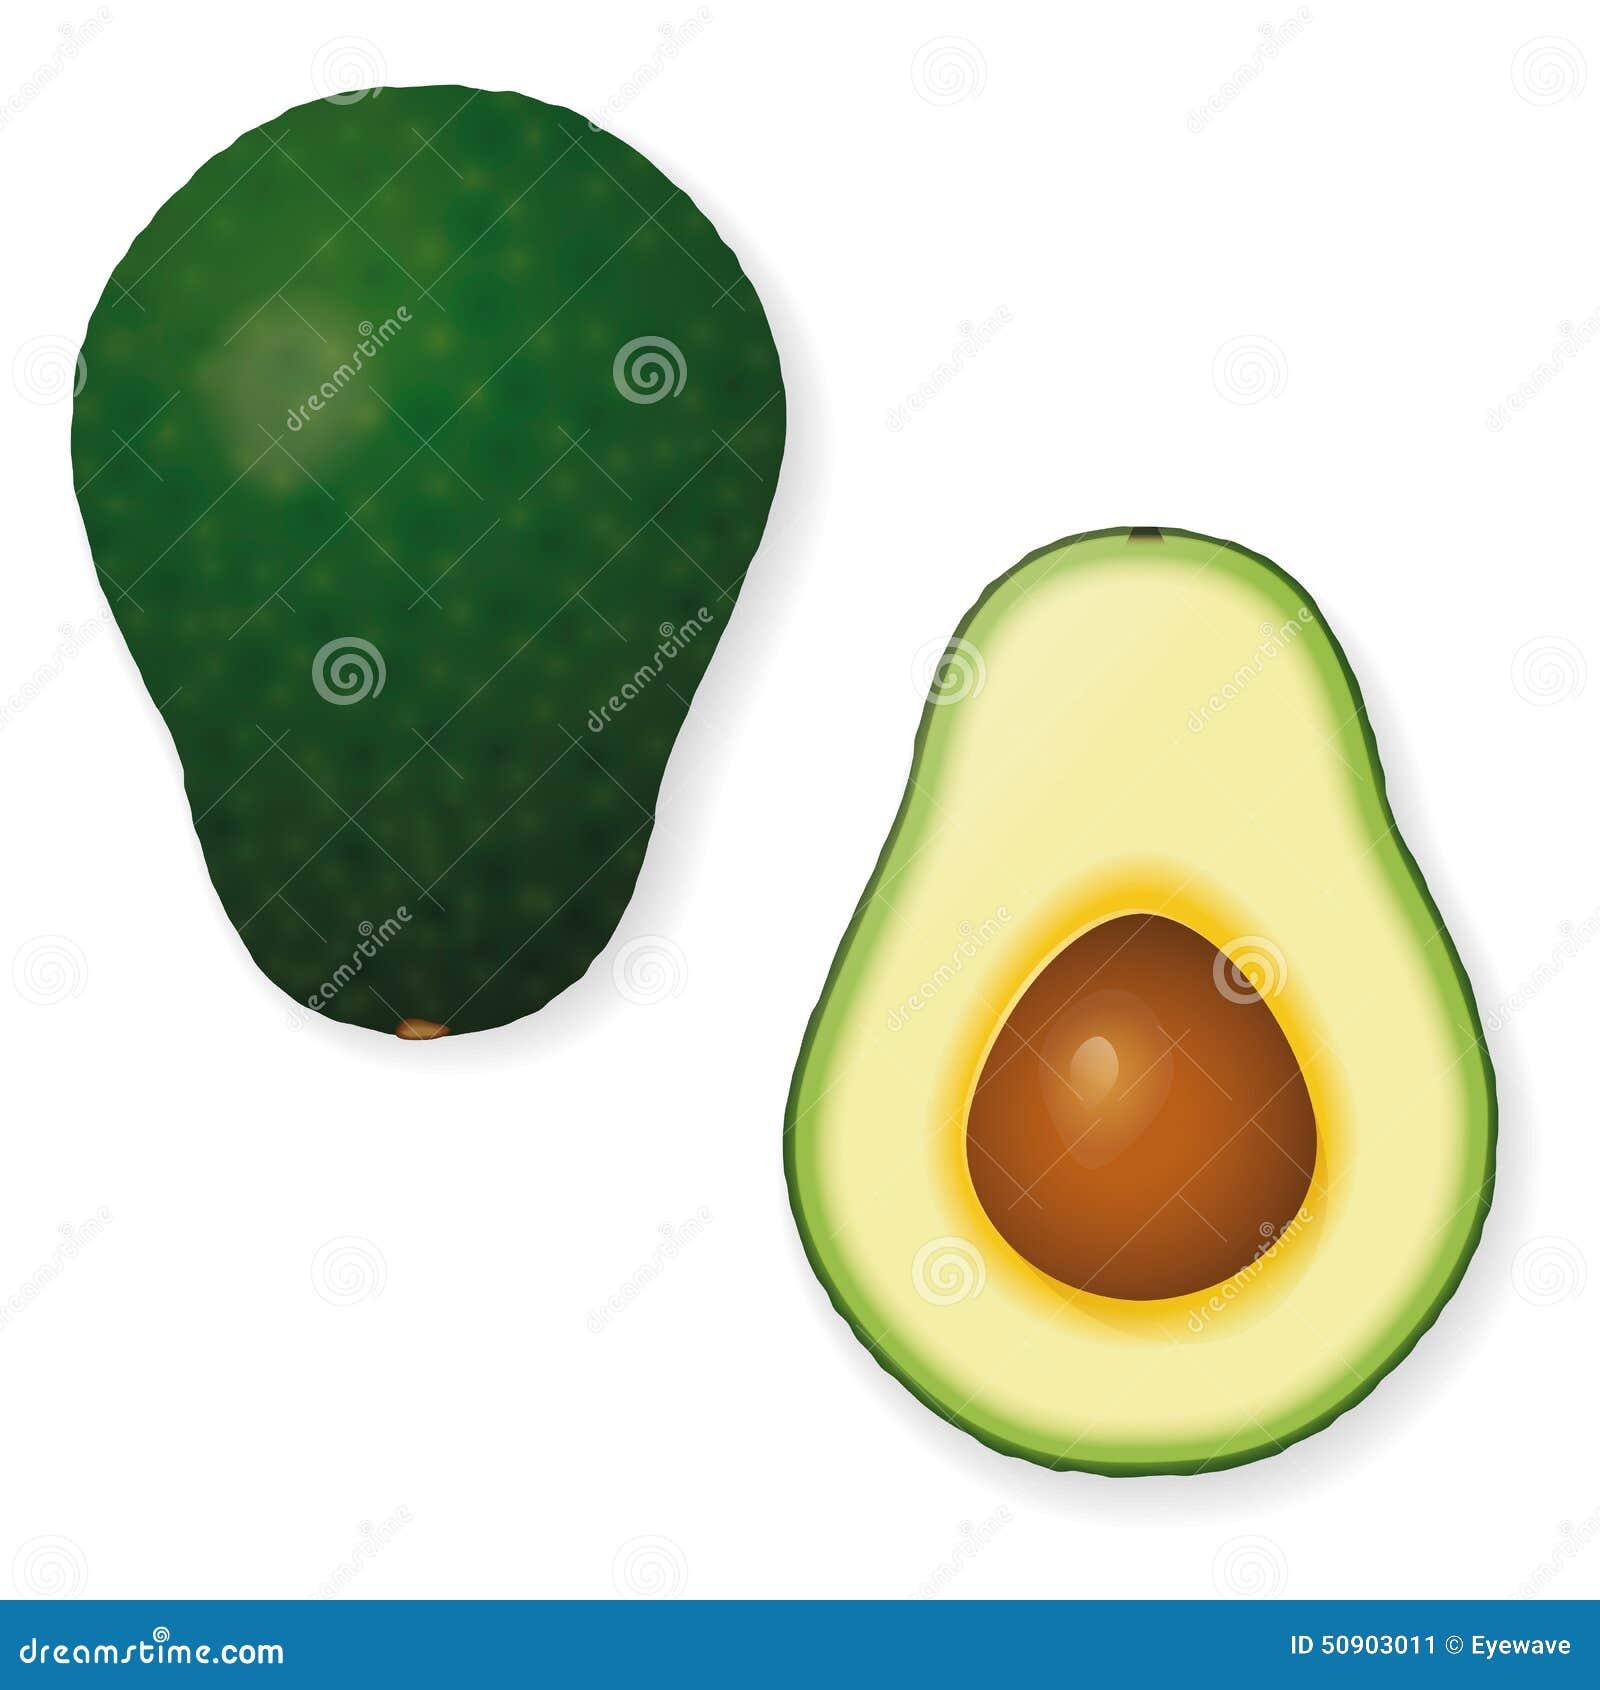 Ολόκληρο και διχοτομημένο διανυσματικό εικονίδιο φρούτων αβοκάντο